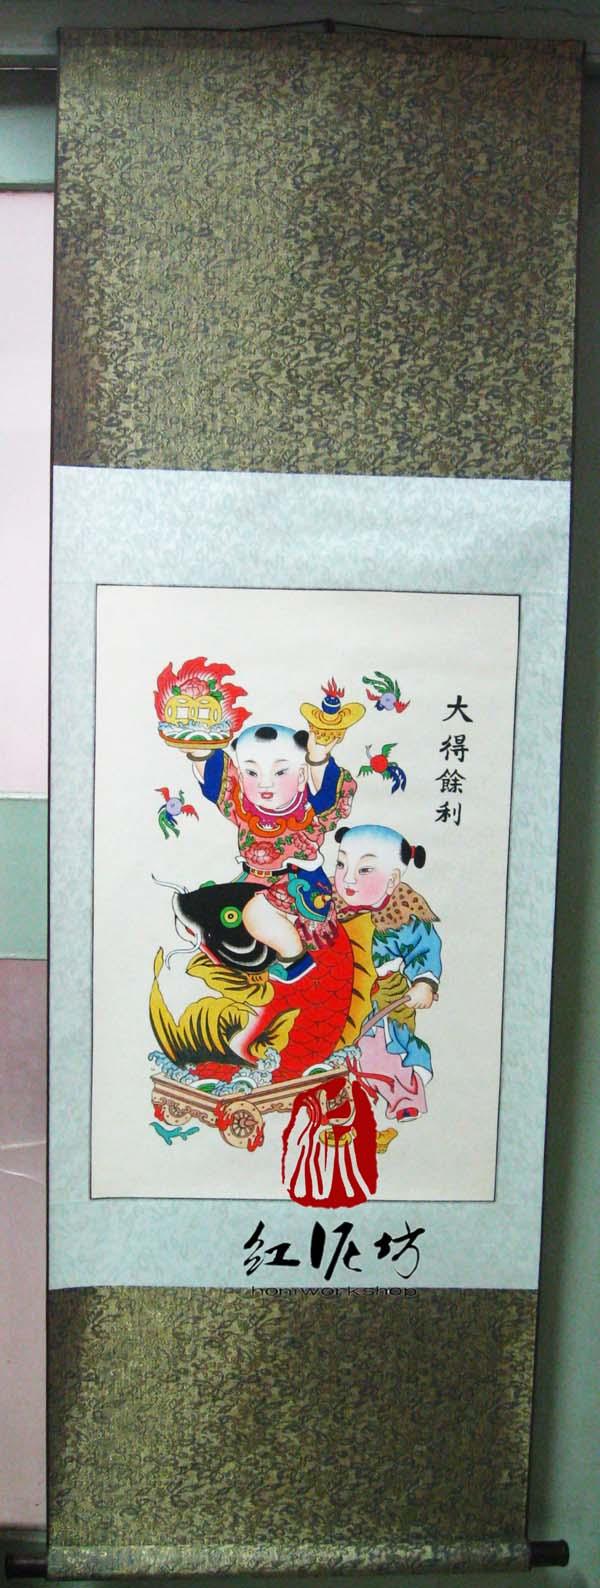 【手绘年画】大得余力 天津杨柳青纯手绘年画娃娃特色